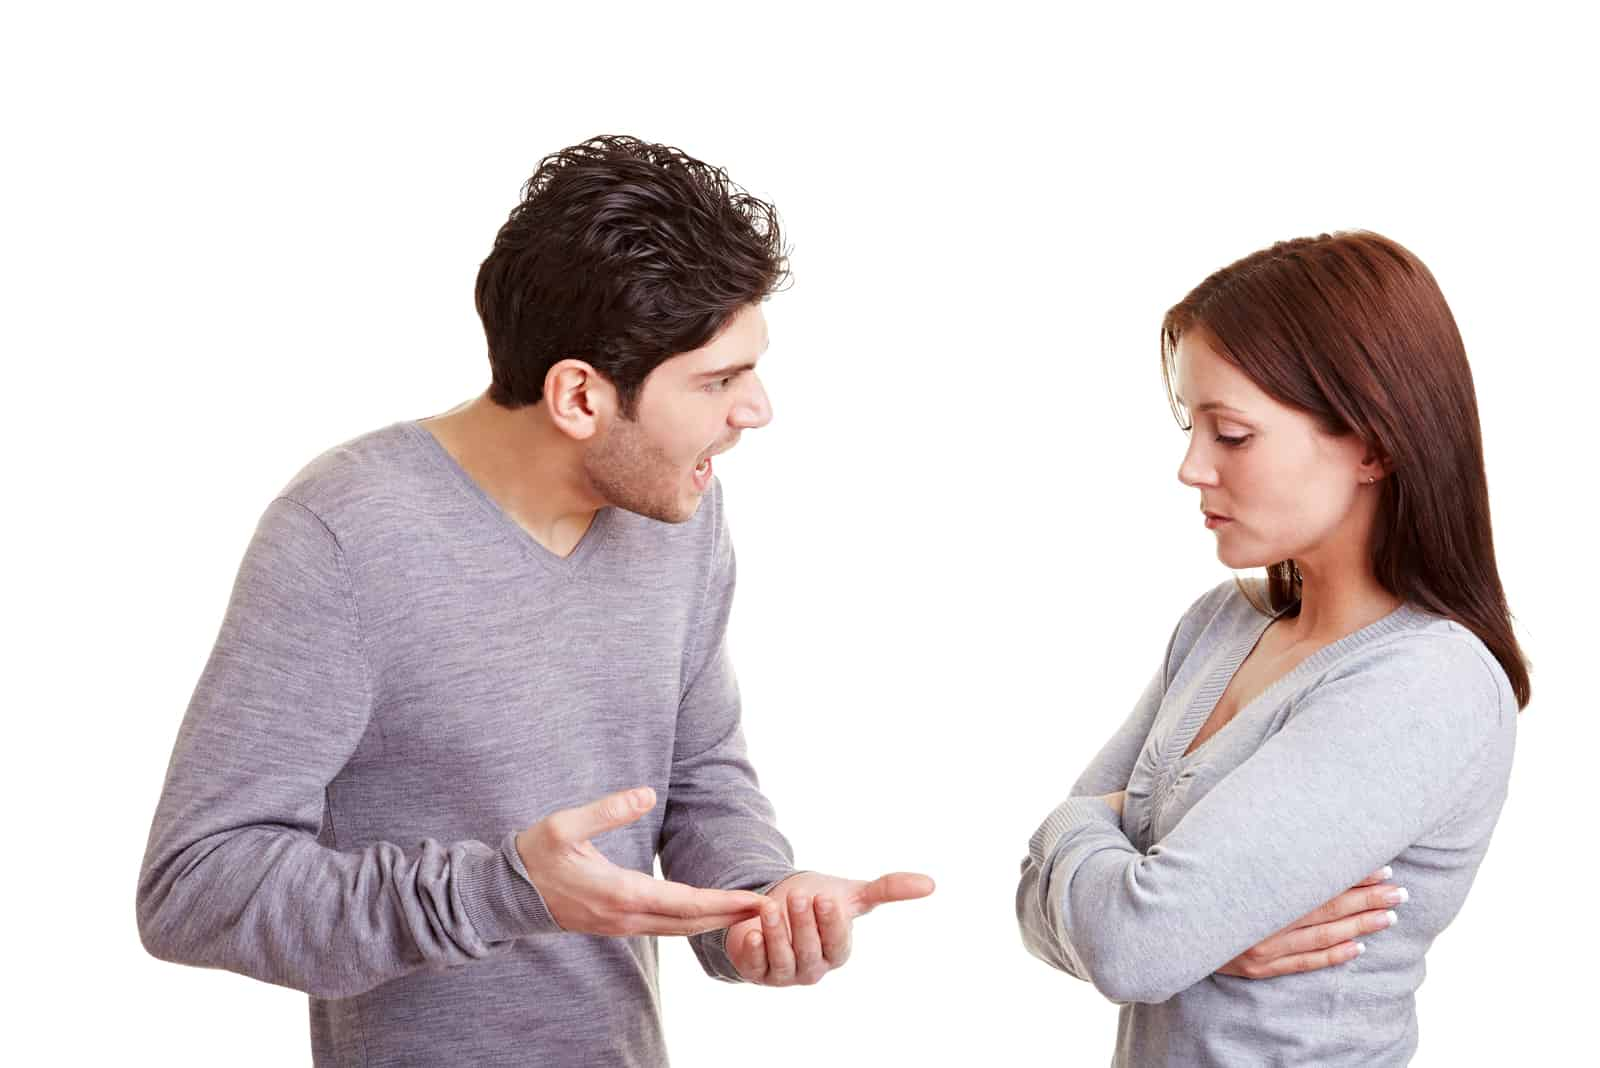 un homme crie après une femme